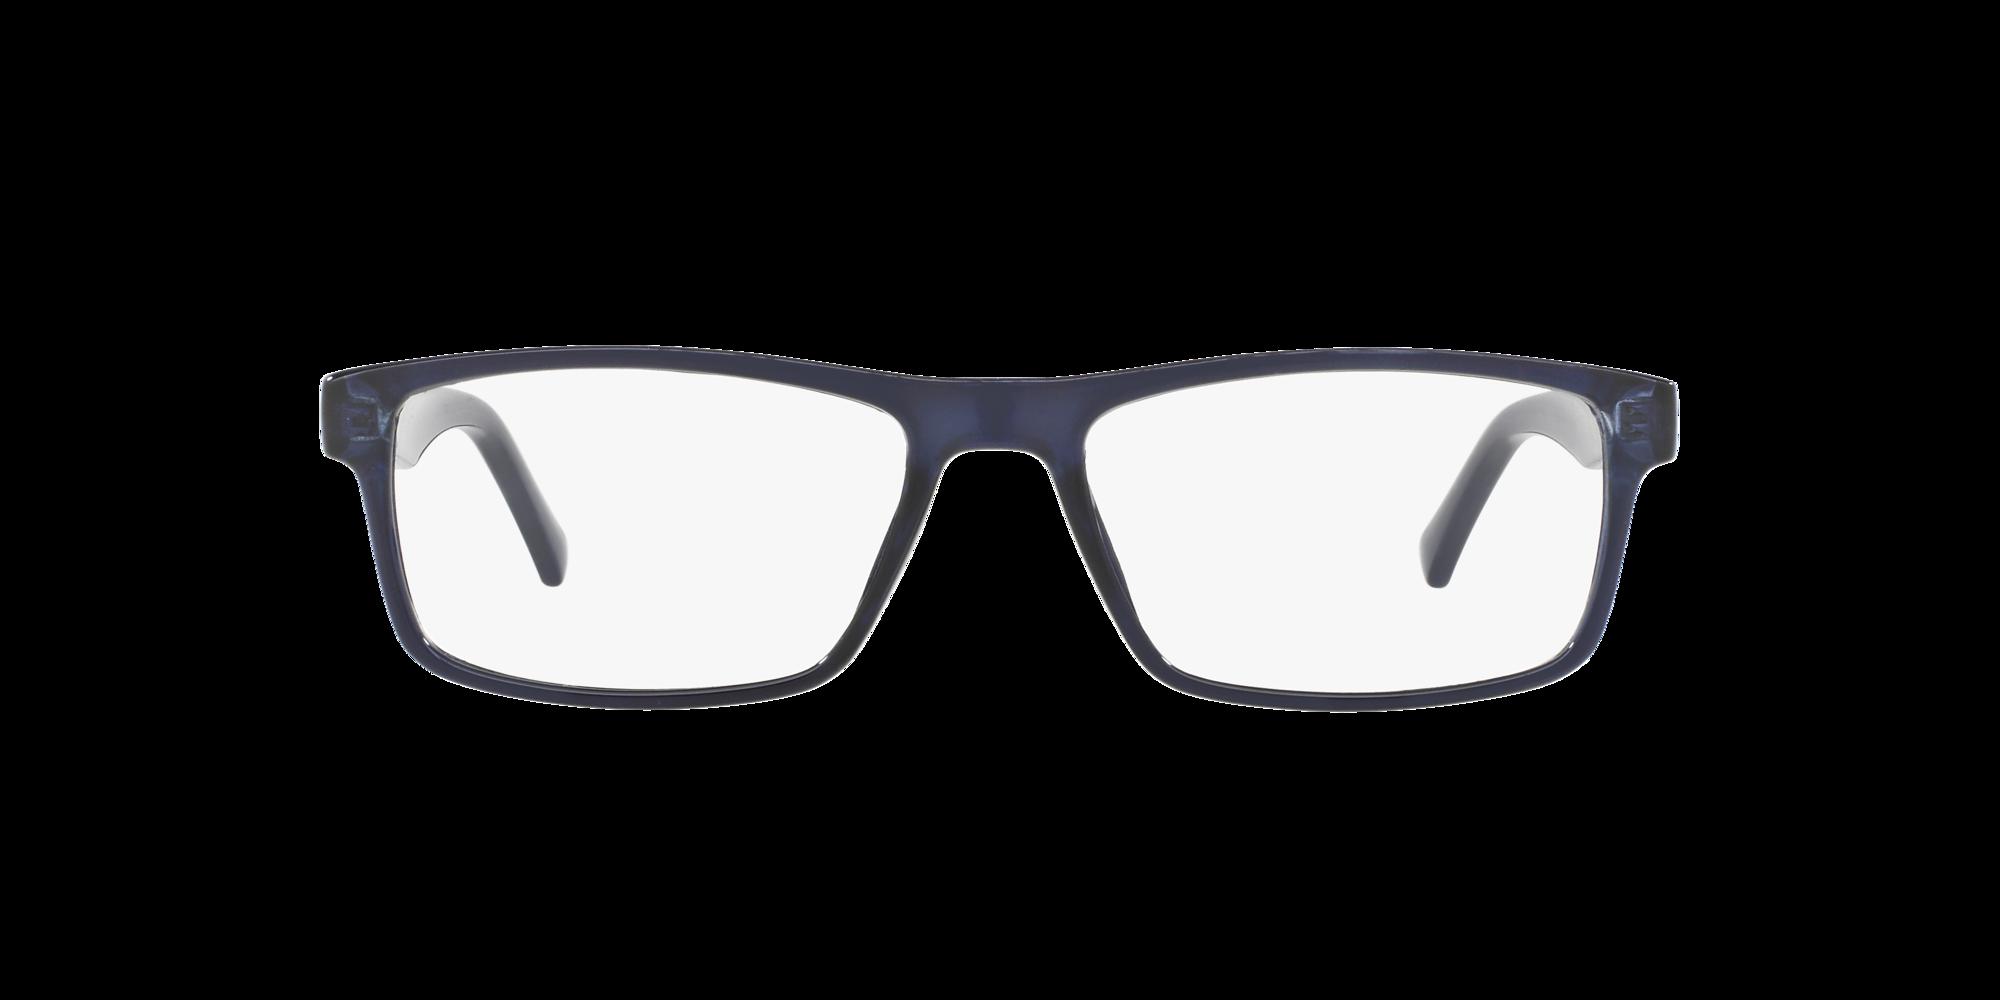 Imagen para SF1149 de LensCrafters |  Espejuelos, espejuelos graduados en línea, gafas